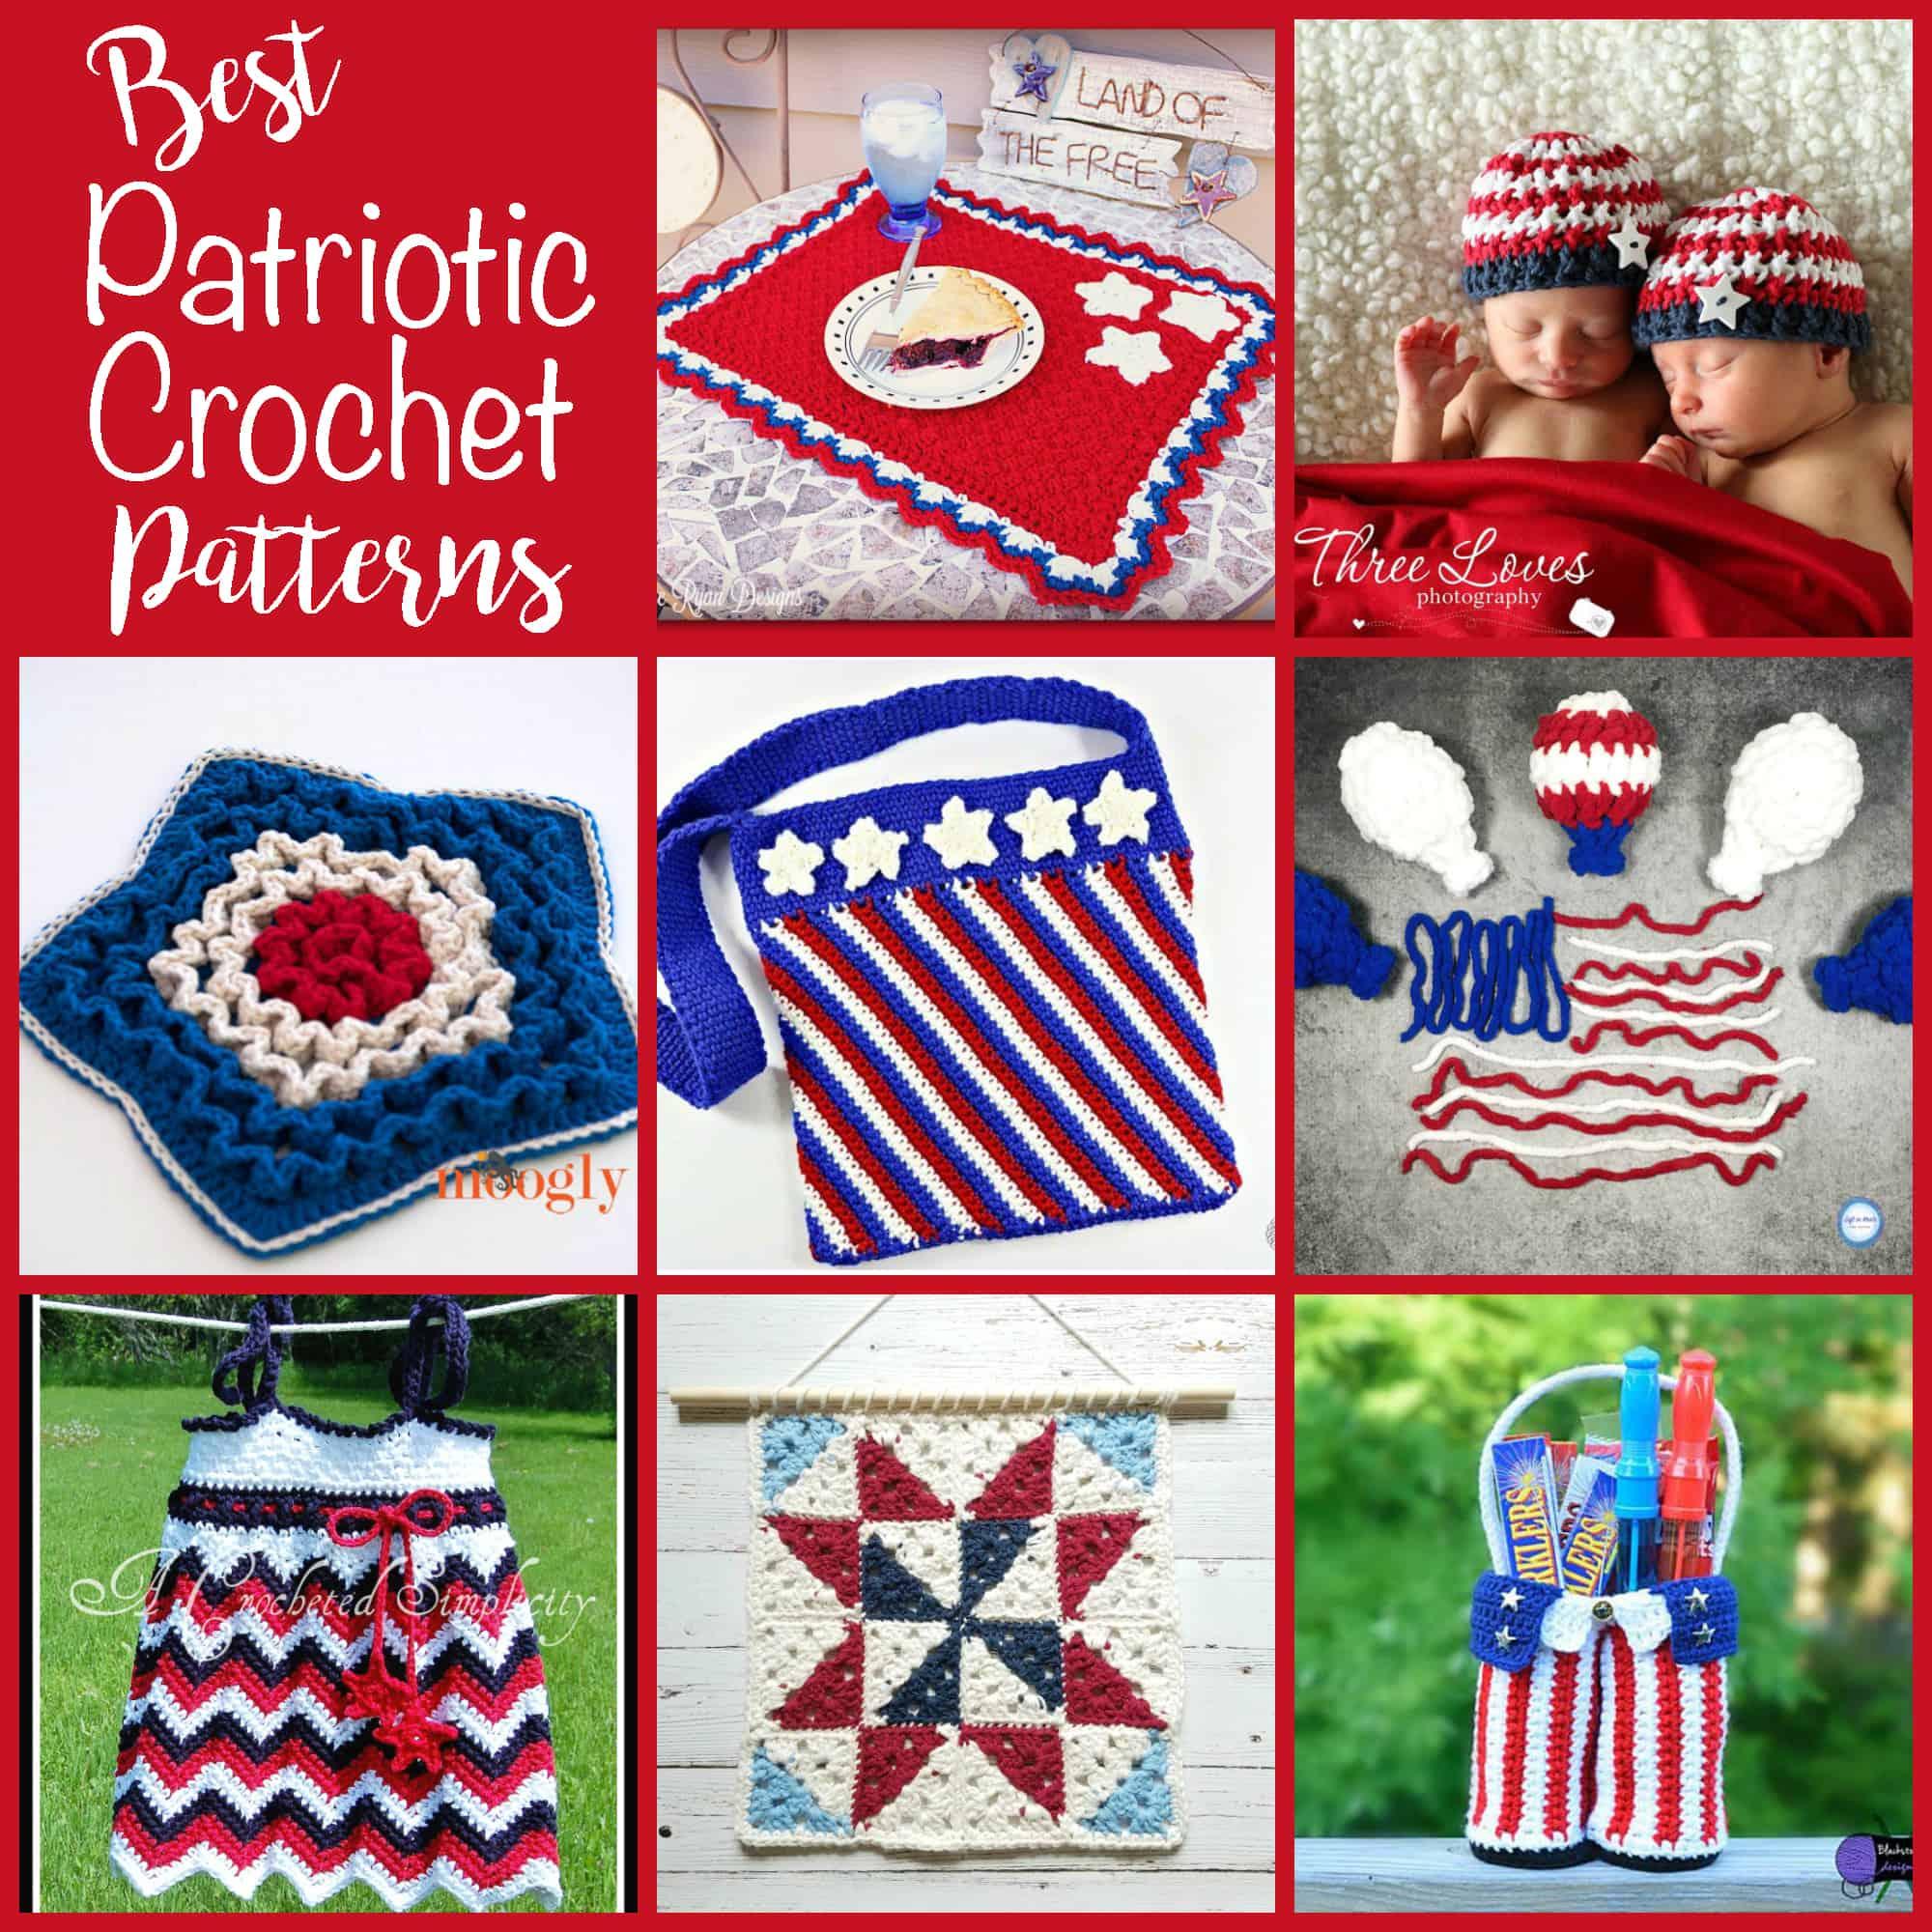 Best Patriotic Crochet Patterns - Crochet 365 Knit Too